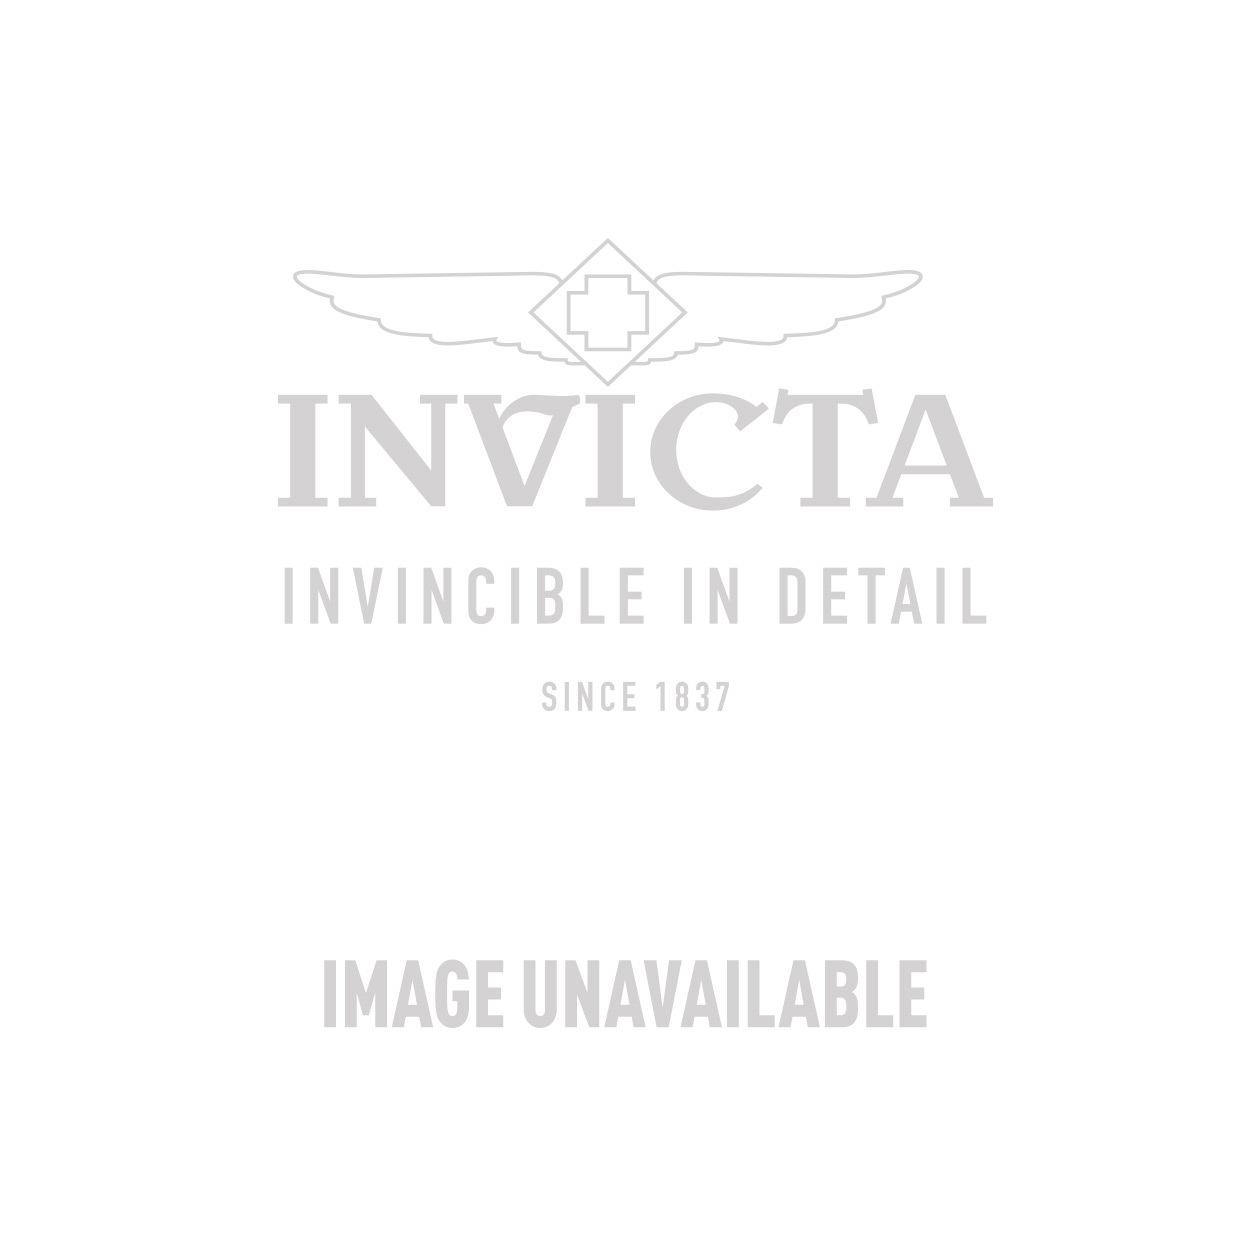 Invicta Model 24372